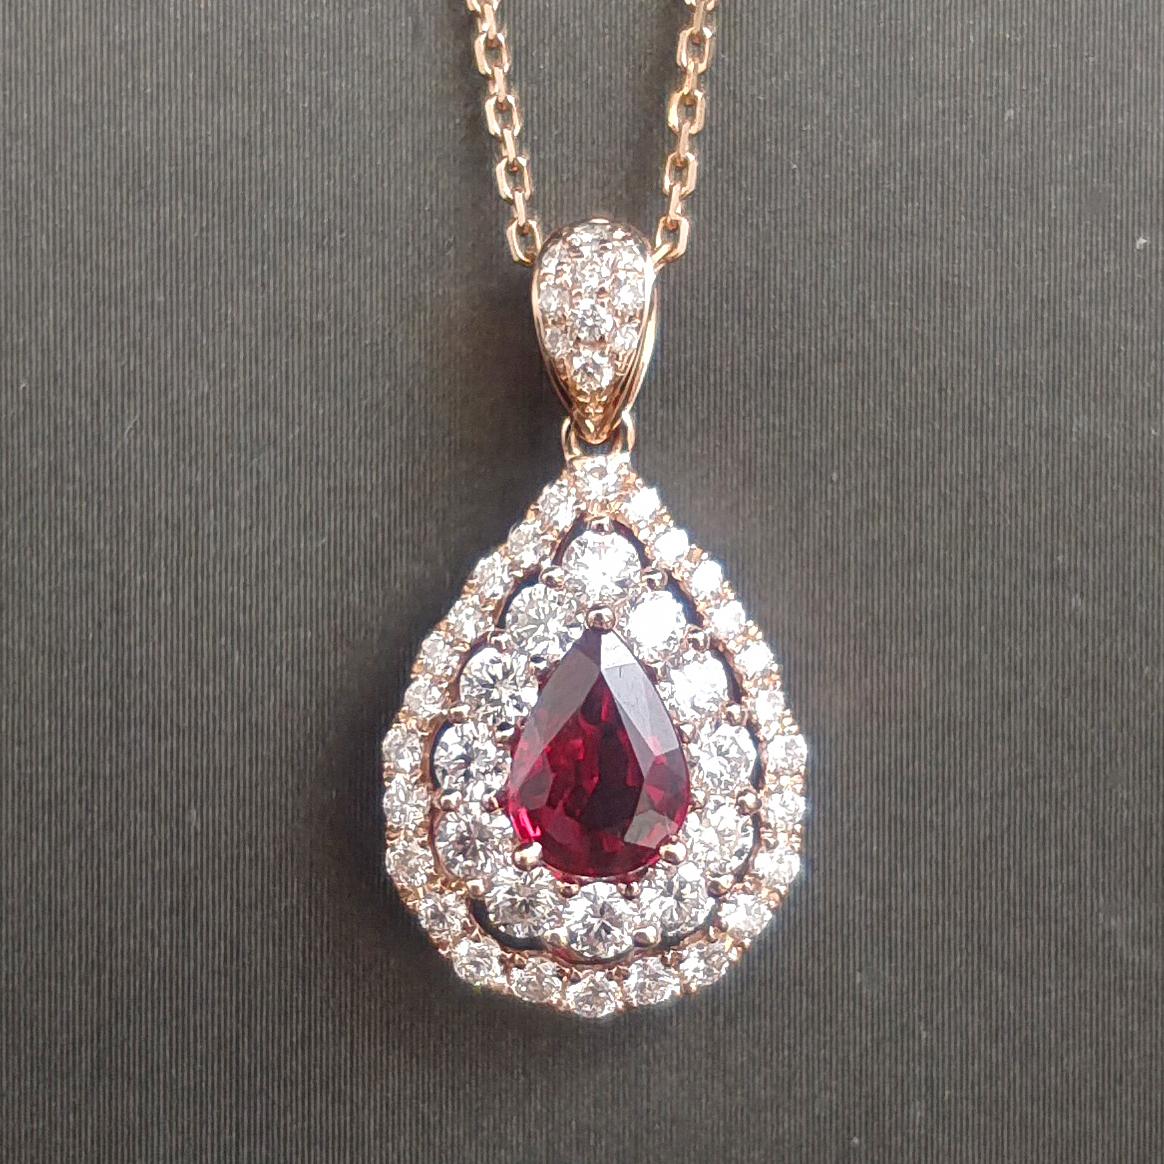 【吊坠】18K金+红宝石(无烧)+钻石 宝石颜色纯正 主石:0.68ct/P 货重:2.38g